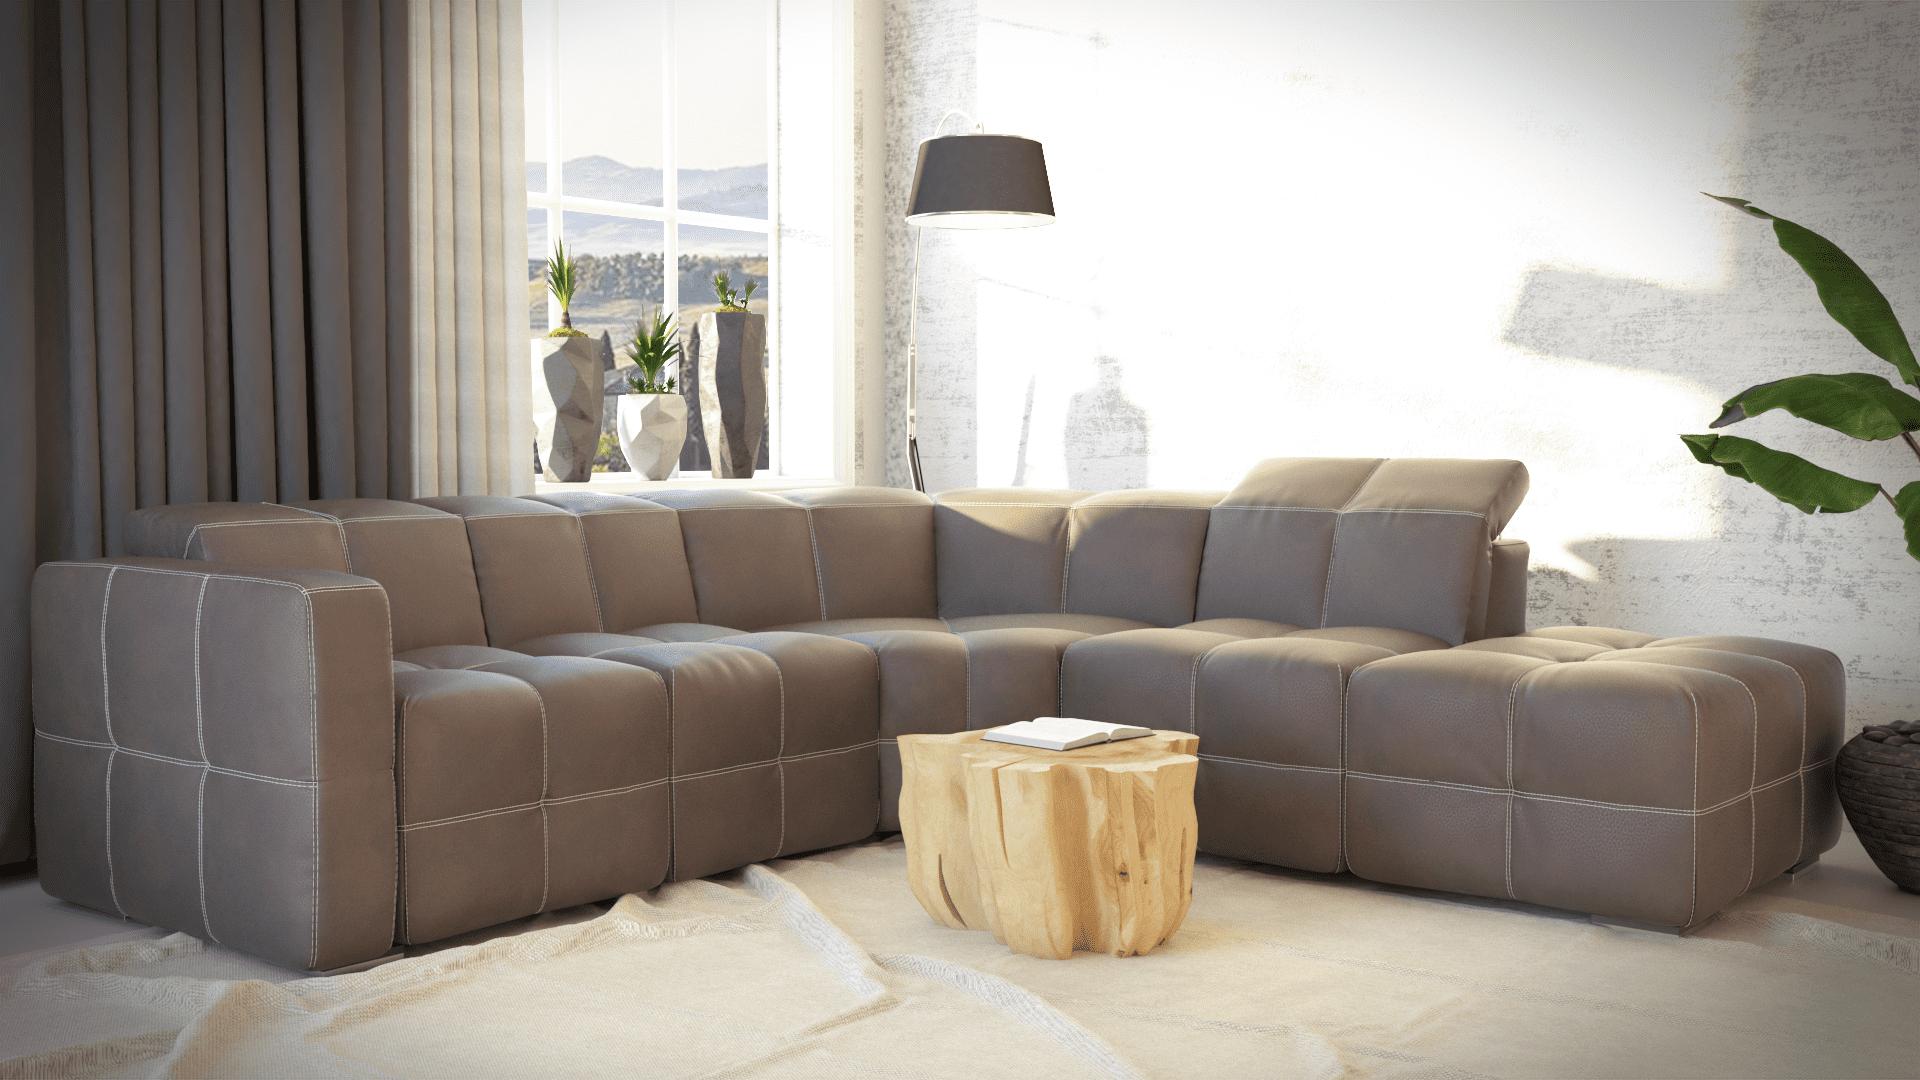 brenna salotti milano divano relax edge 04